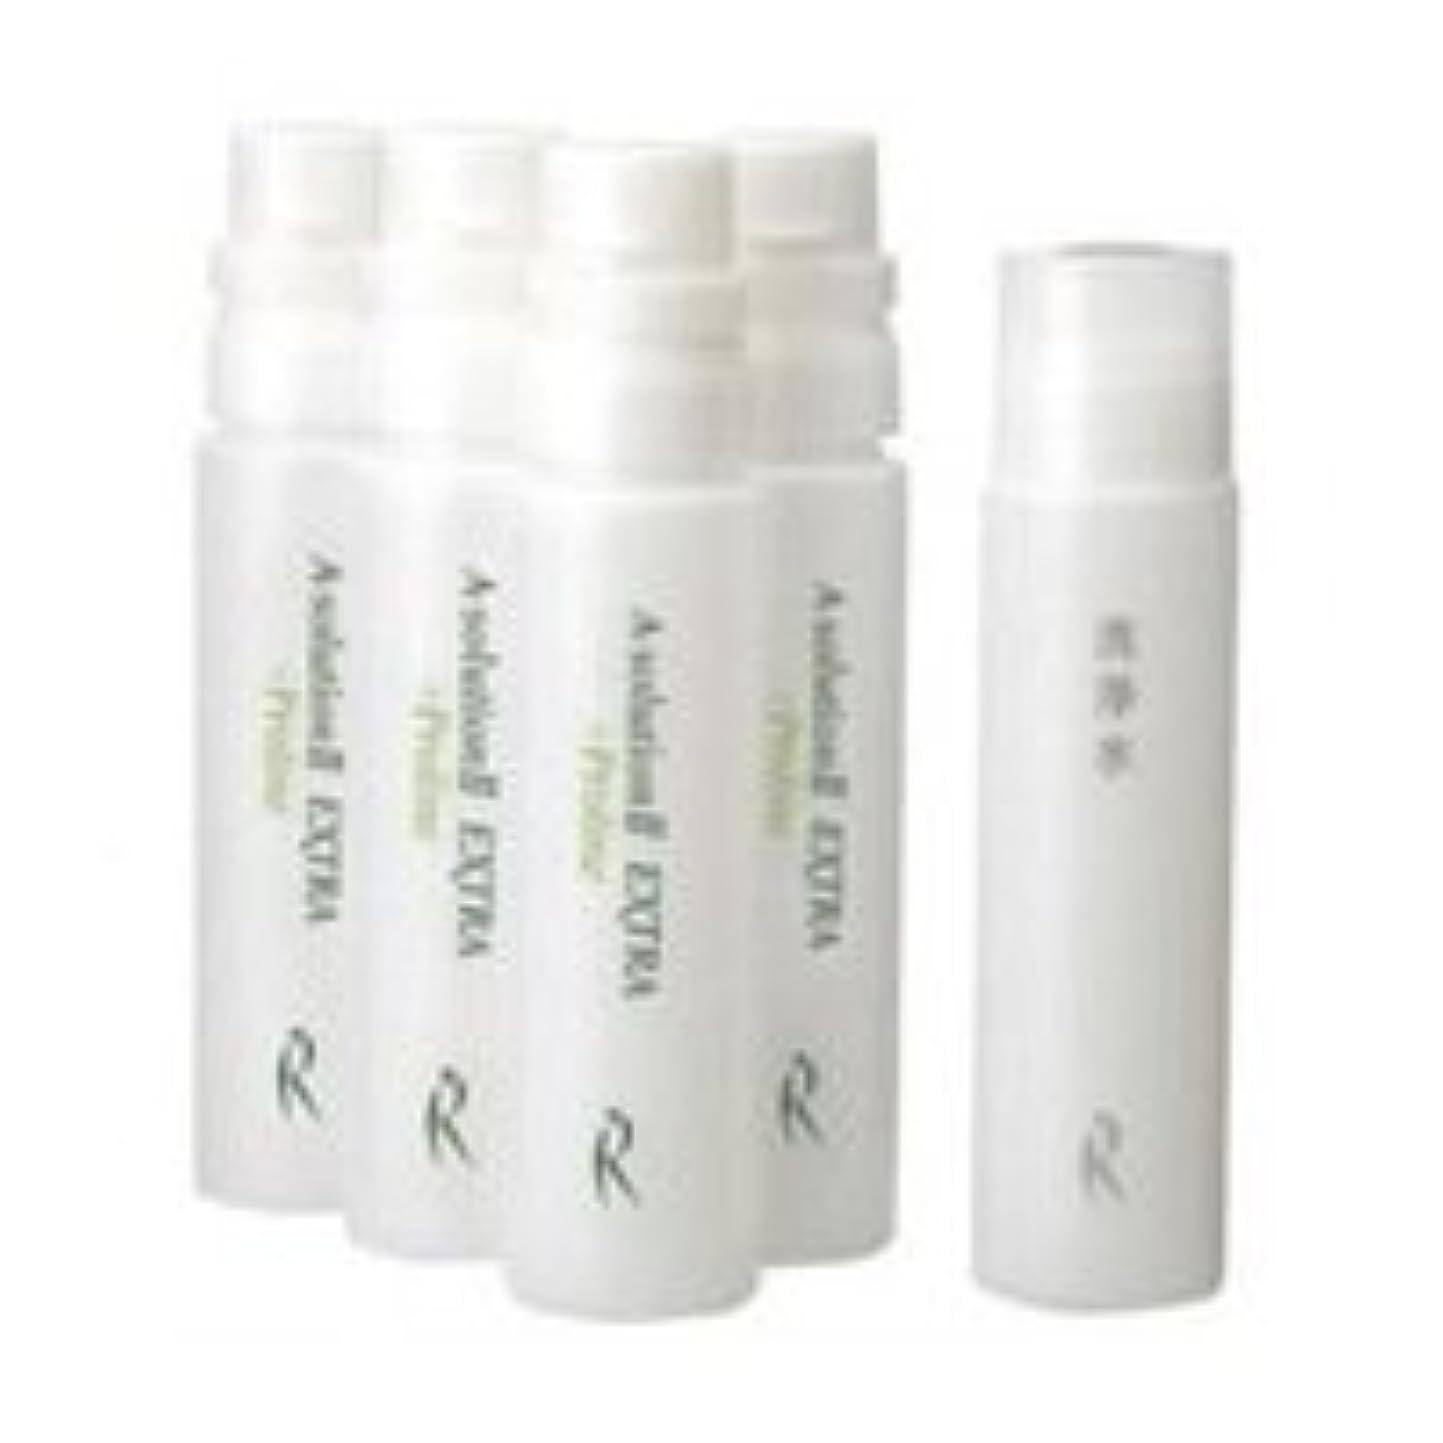 十偽造悲しむA-ソリューション エクストラ+プロリン / REVENIR  レブニール プラチナアクイシモ専用美容液